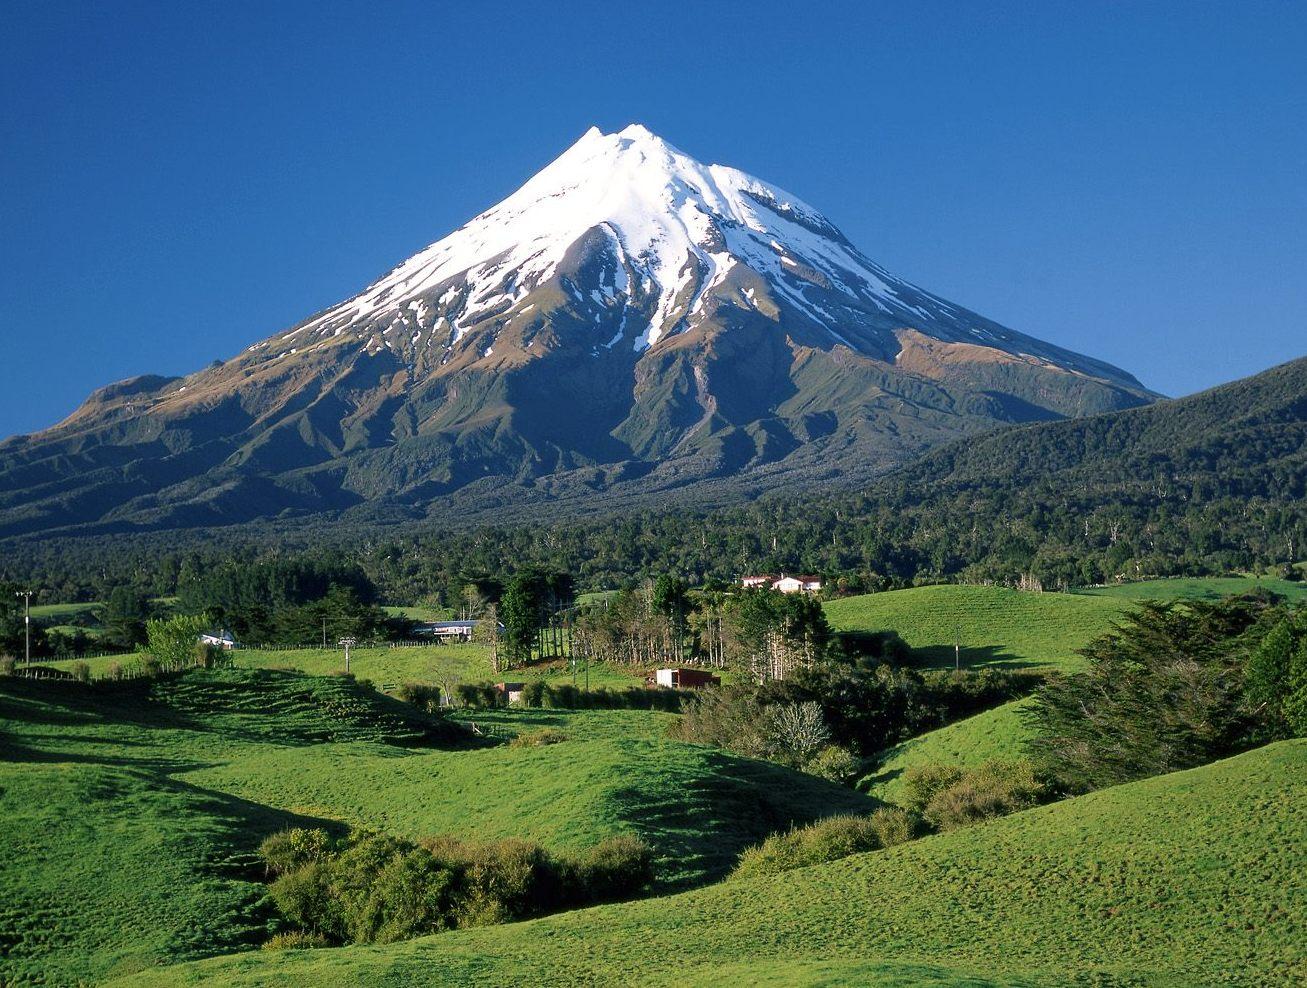 mount taranaki nova zelandia1 Nova Zelândia Paisagens: Fotos de Montanhas, Natureza, Turismo no País